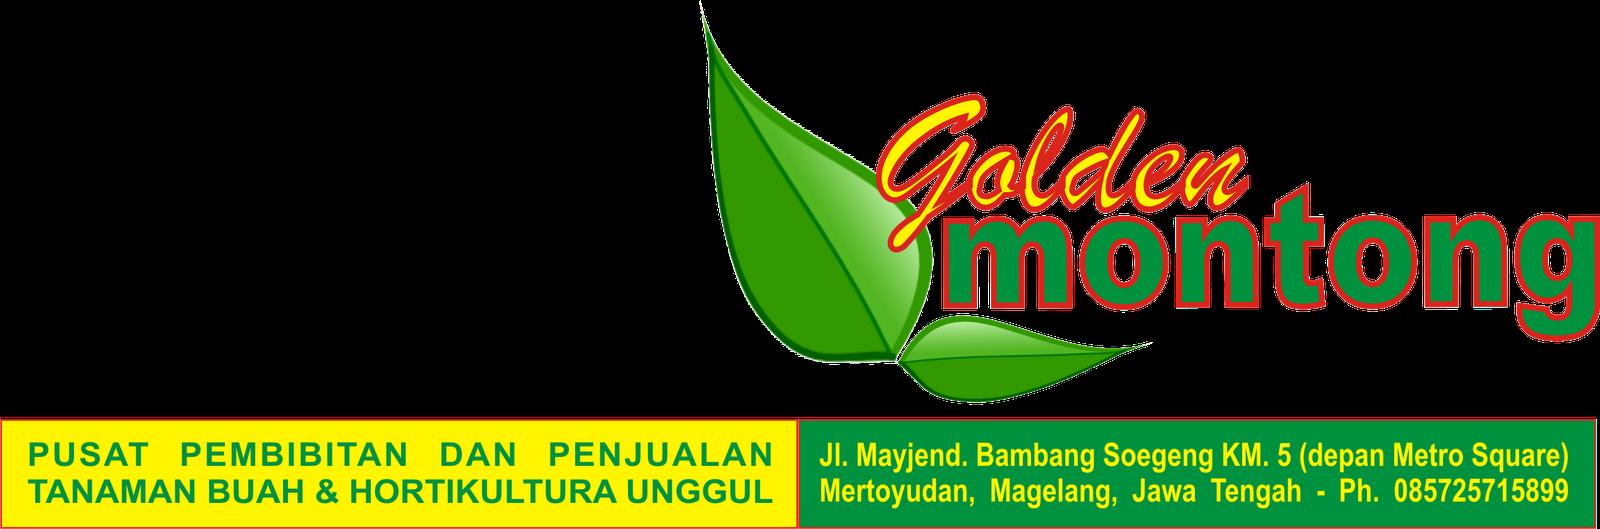 Golden Montong